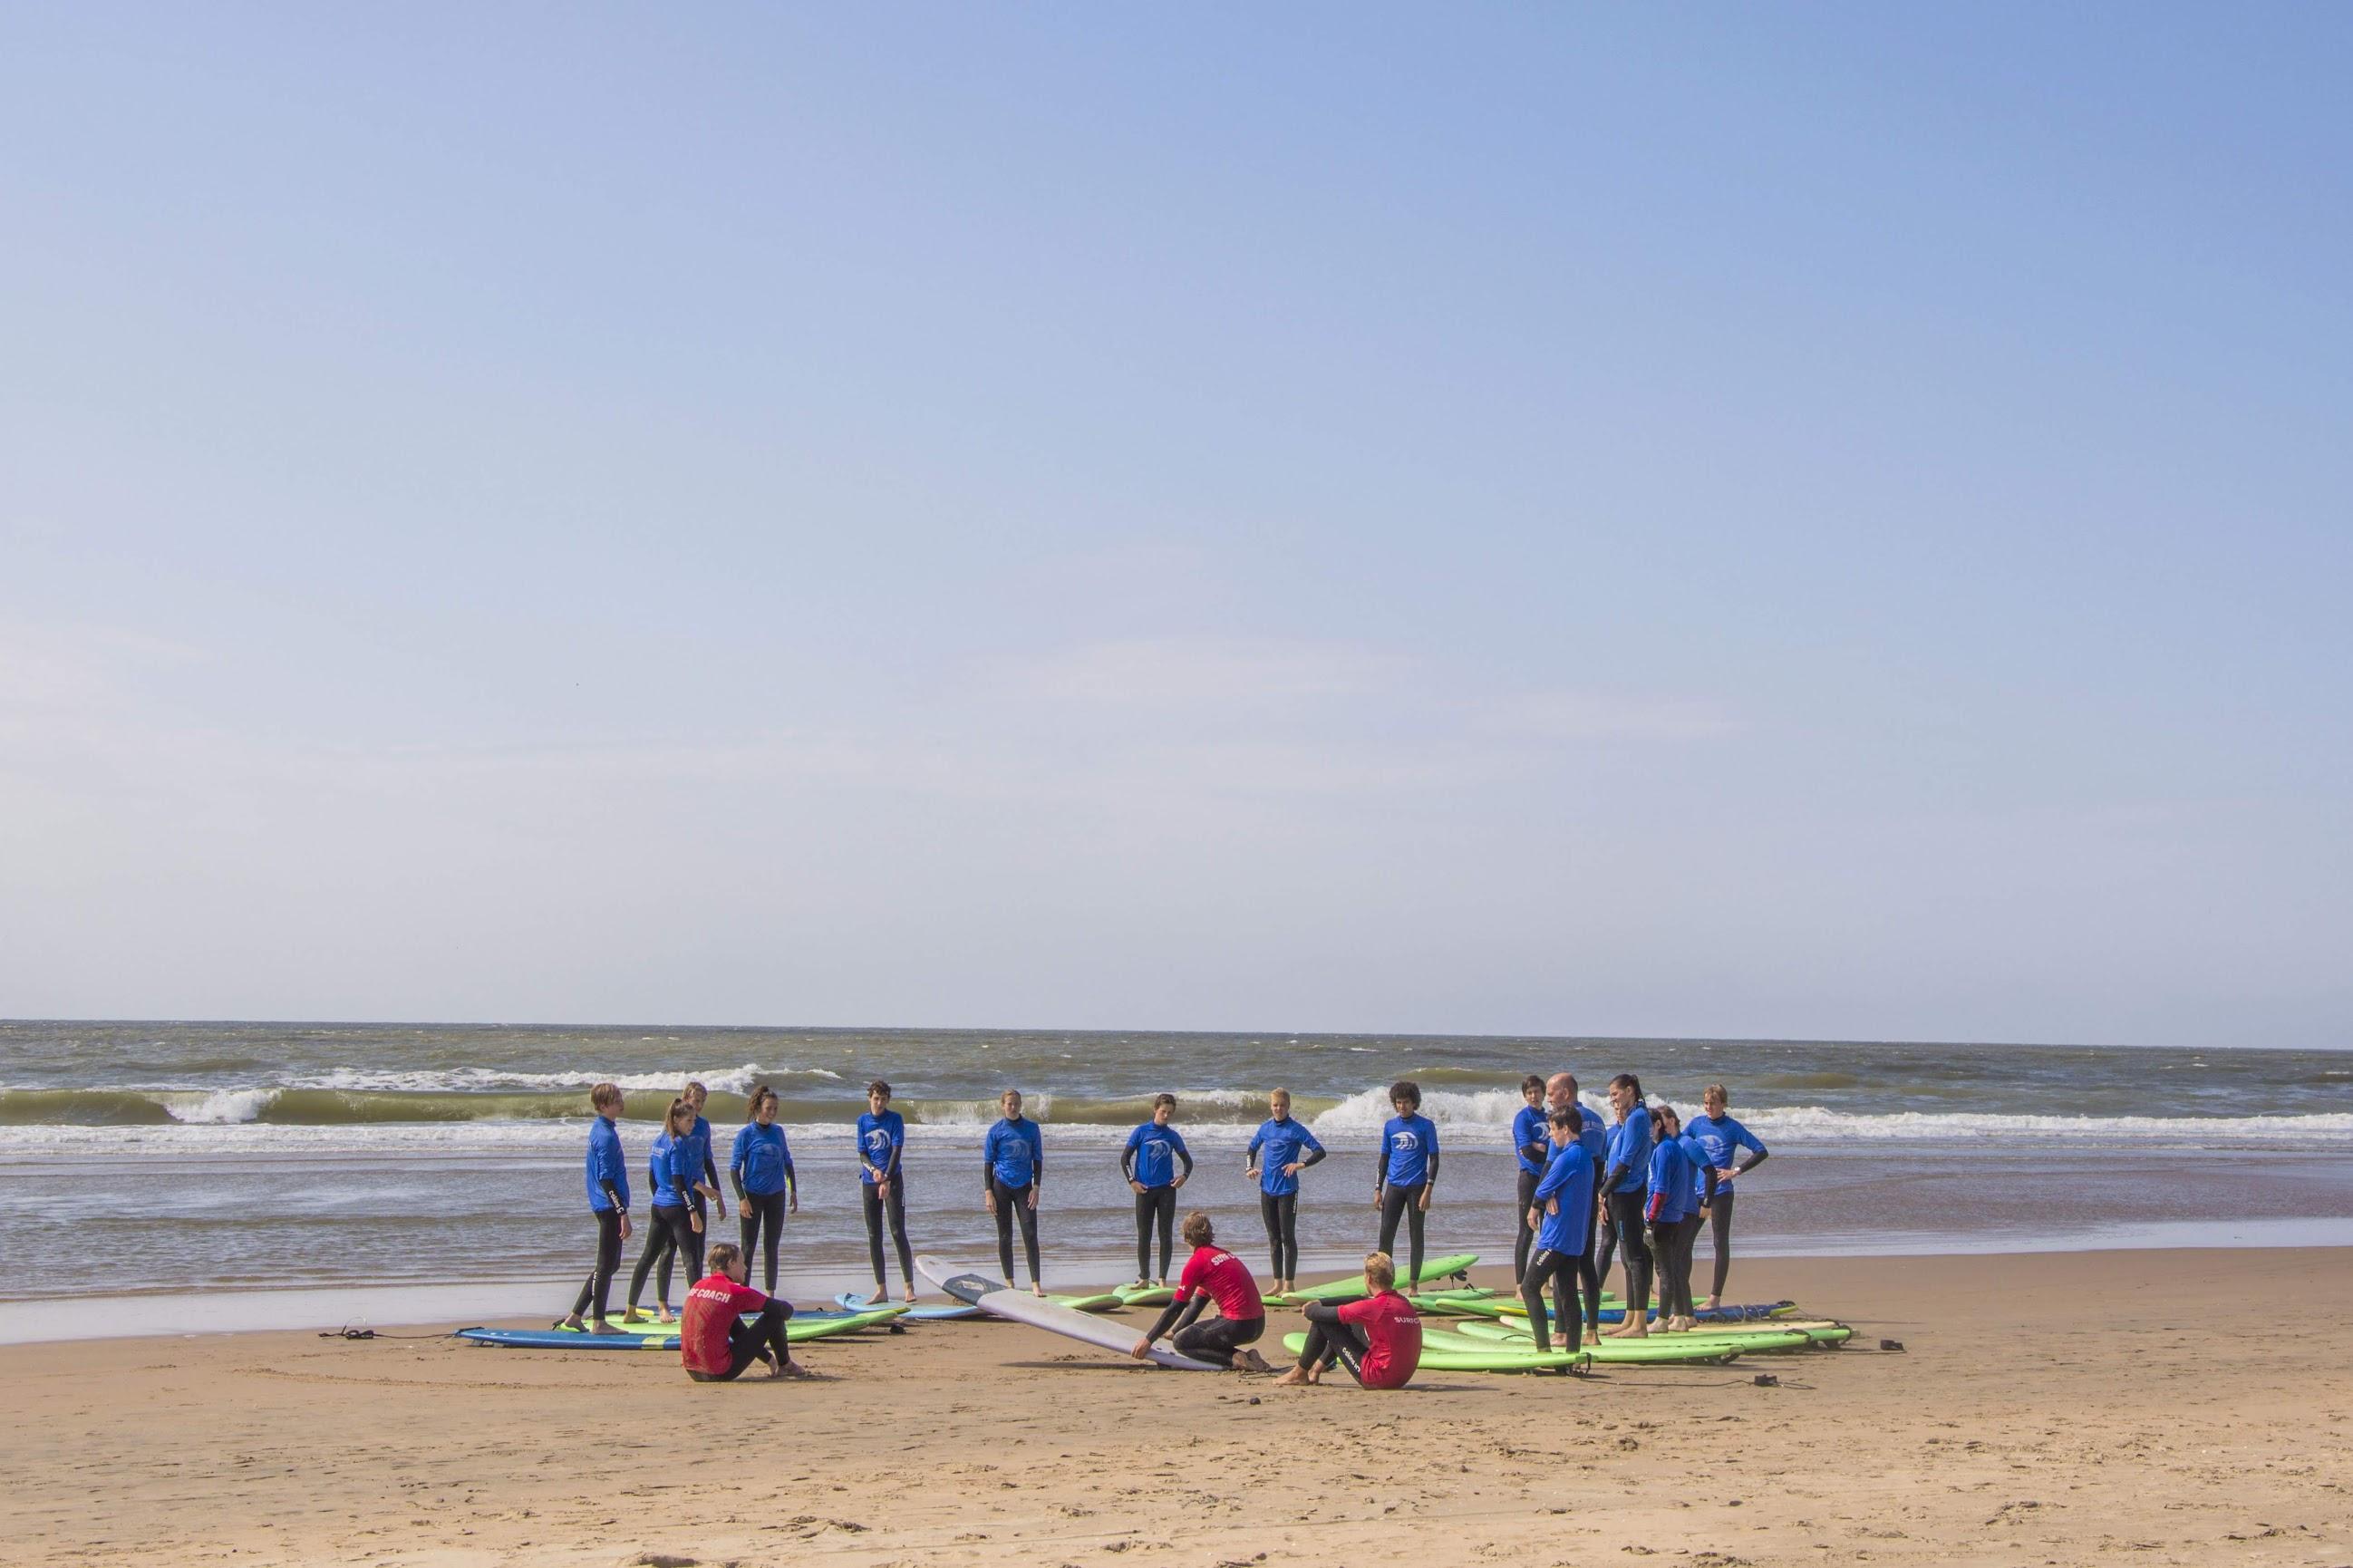 surfen-in-nederland